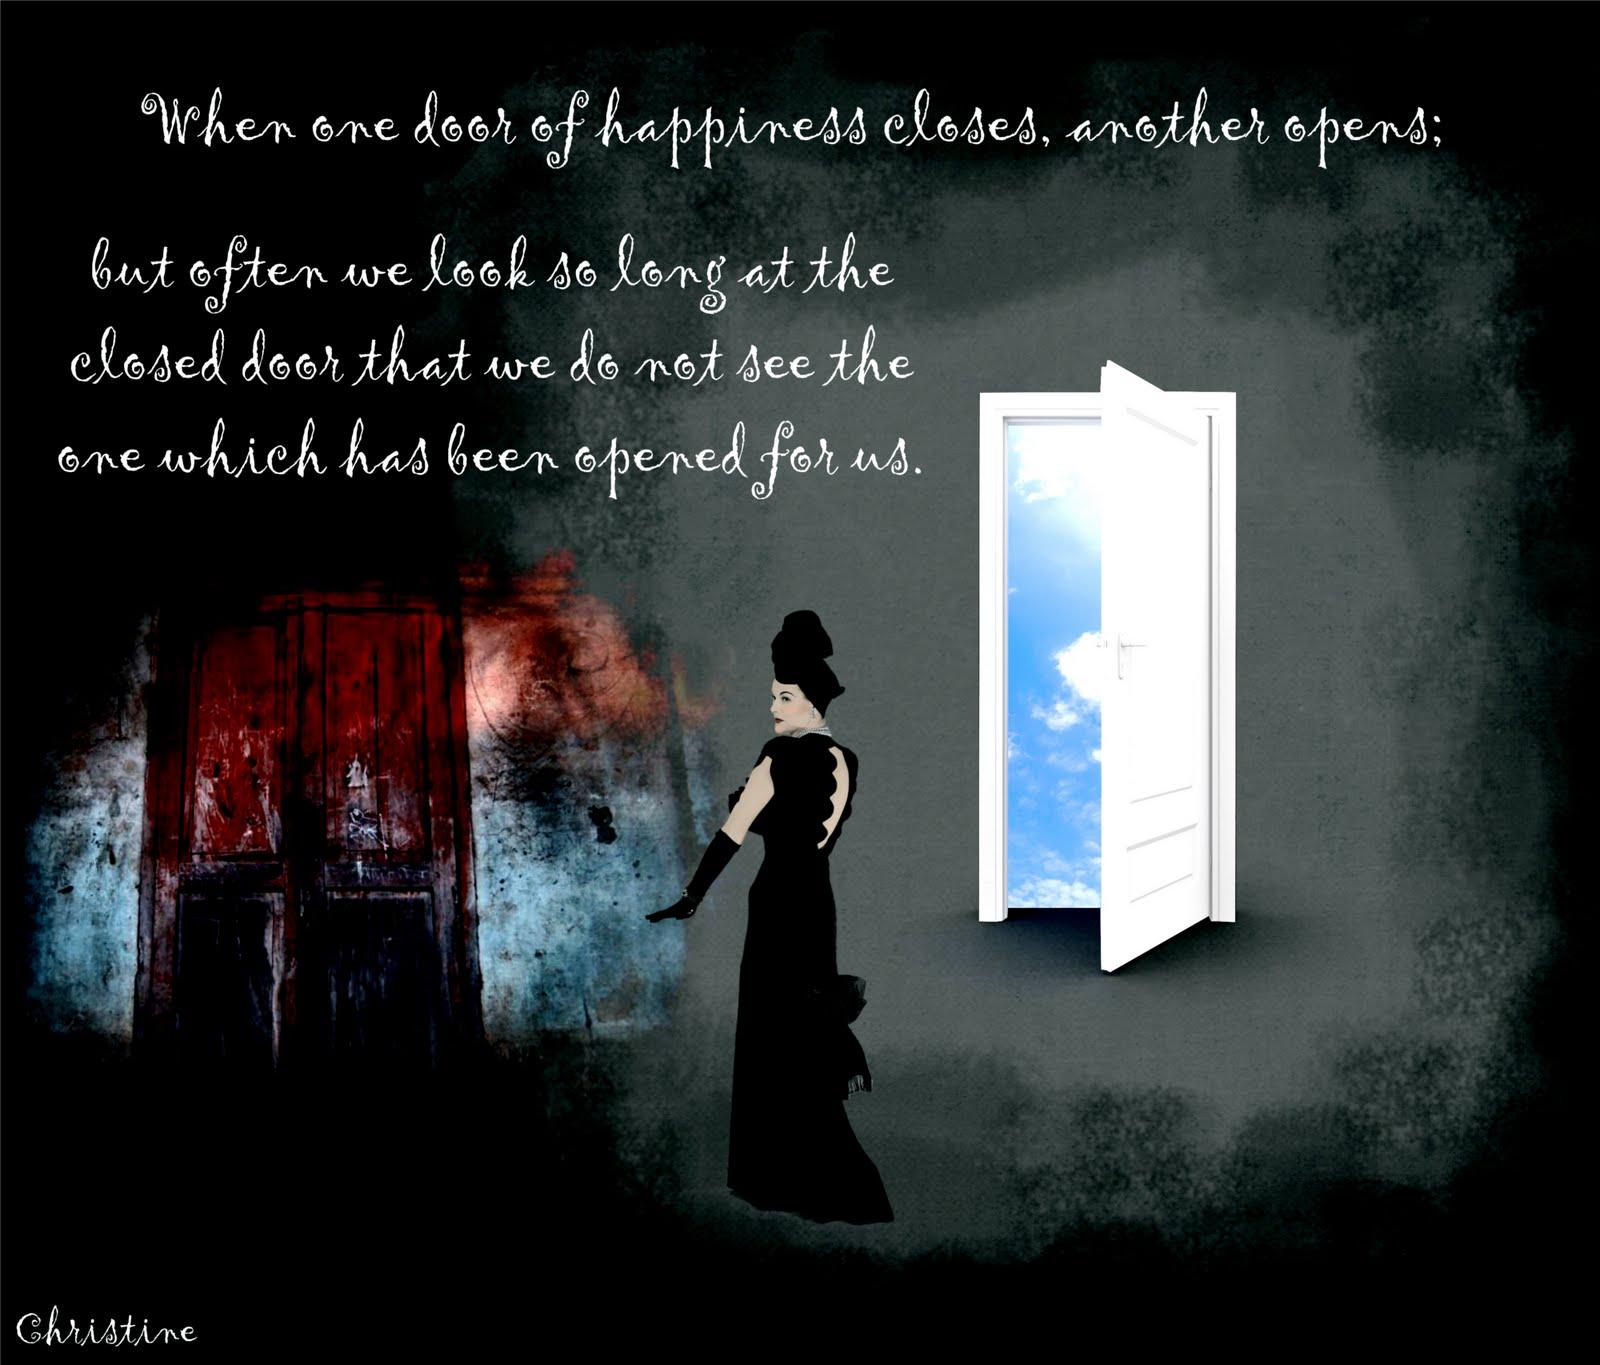 Look for the open door & Image Wings: Look for the open door